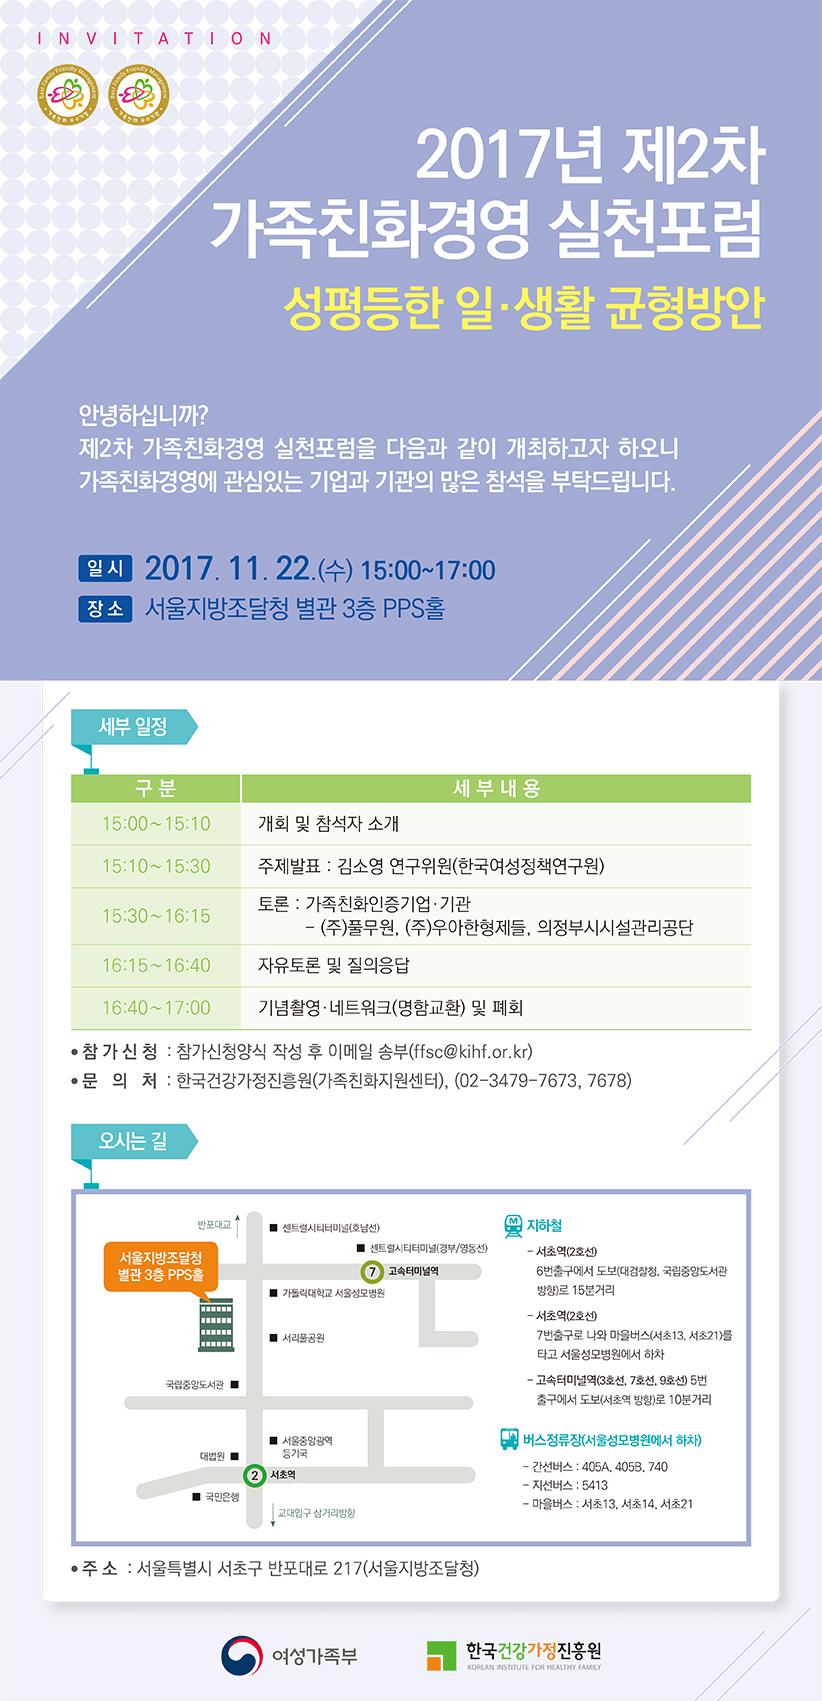 2017년 제2차 가족친화경영 실천포럼 참가신청 안내